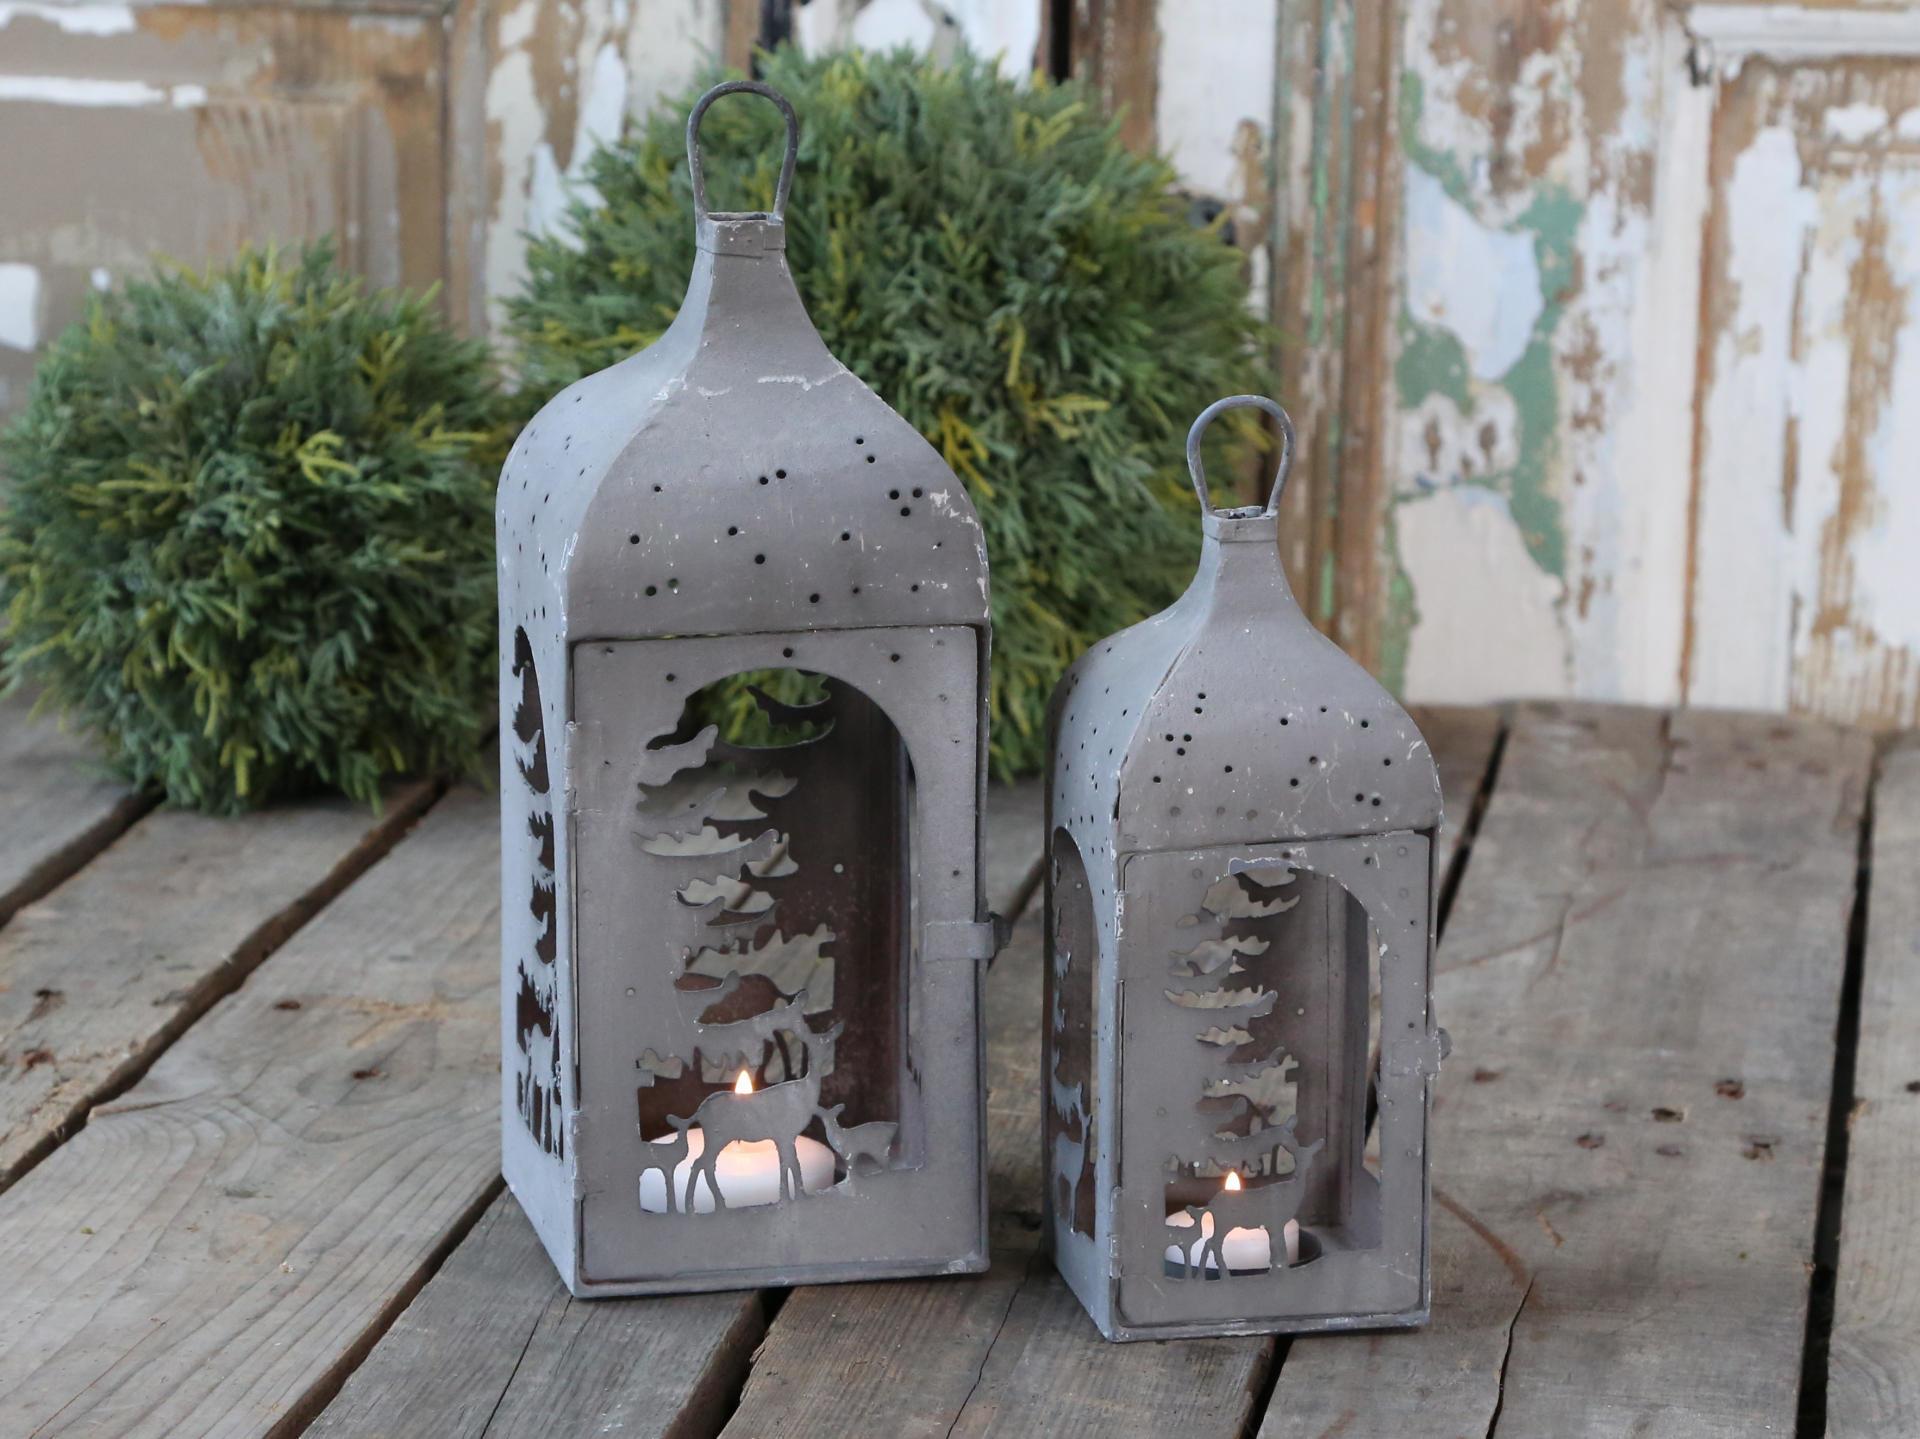 Chic Antique Lucerna Antique Zinc - větší, šedá barva, zinek